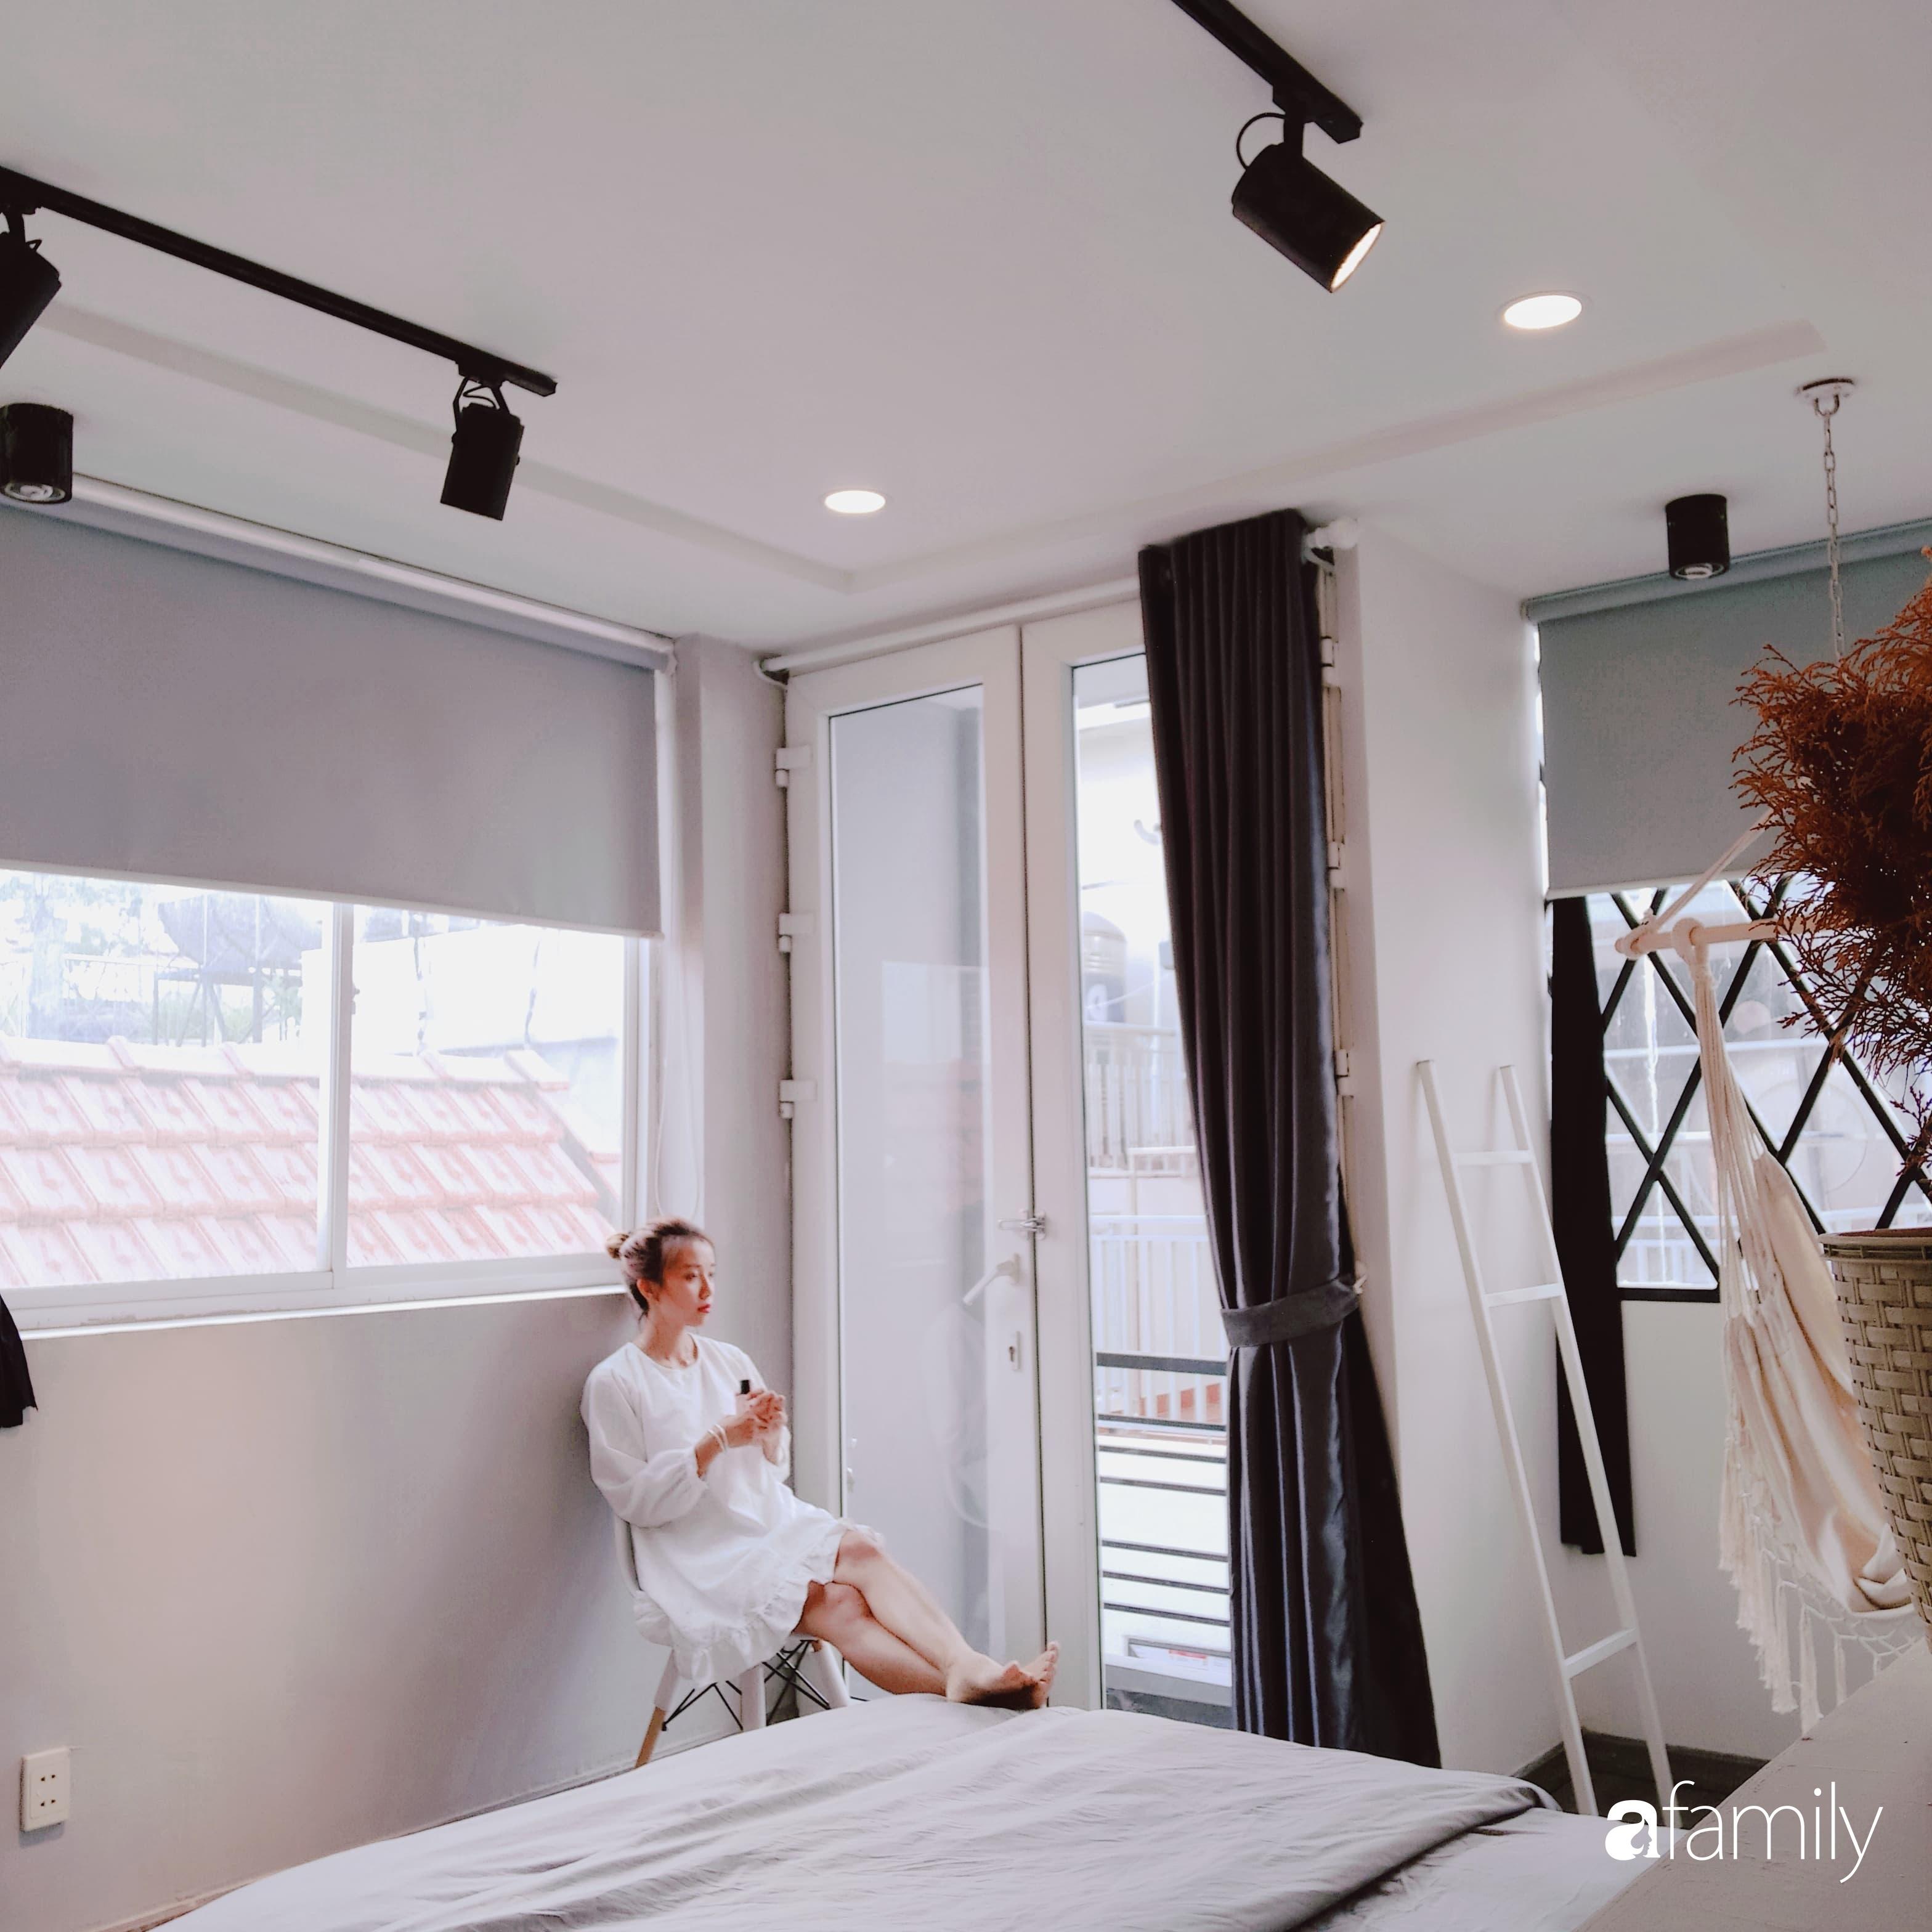 Chi 20 triệu đồng, sân thượng tầng 4 trở thành không gian sống tiện ích, nhiều ánh sáng tự nhiên ở quận 1, Sài Gòn - Ảnh 12.